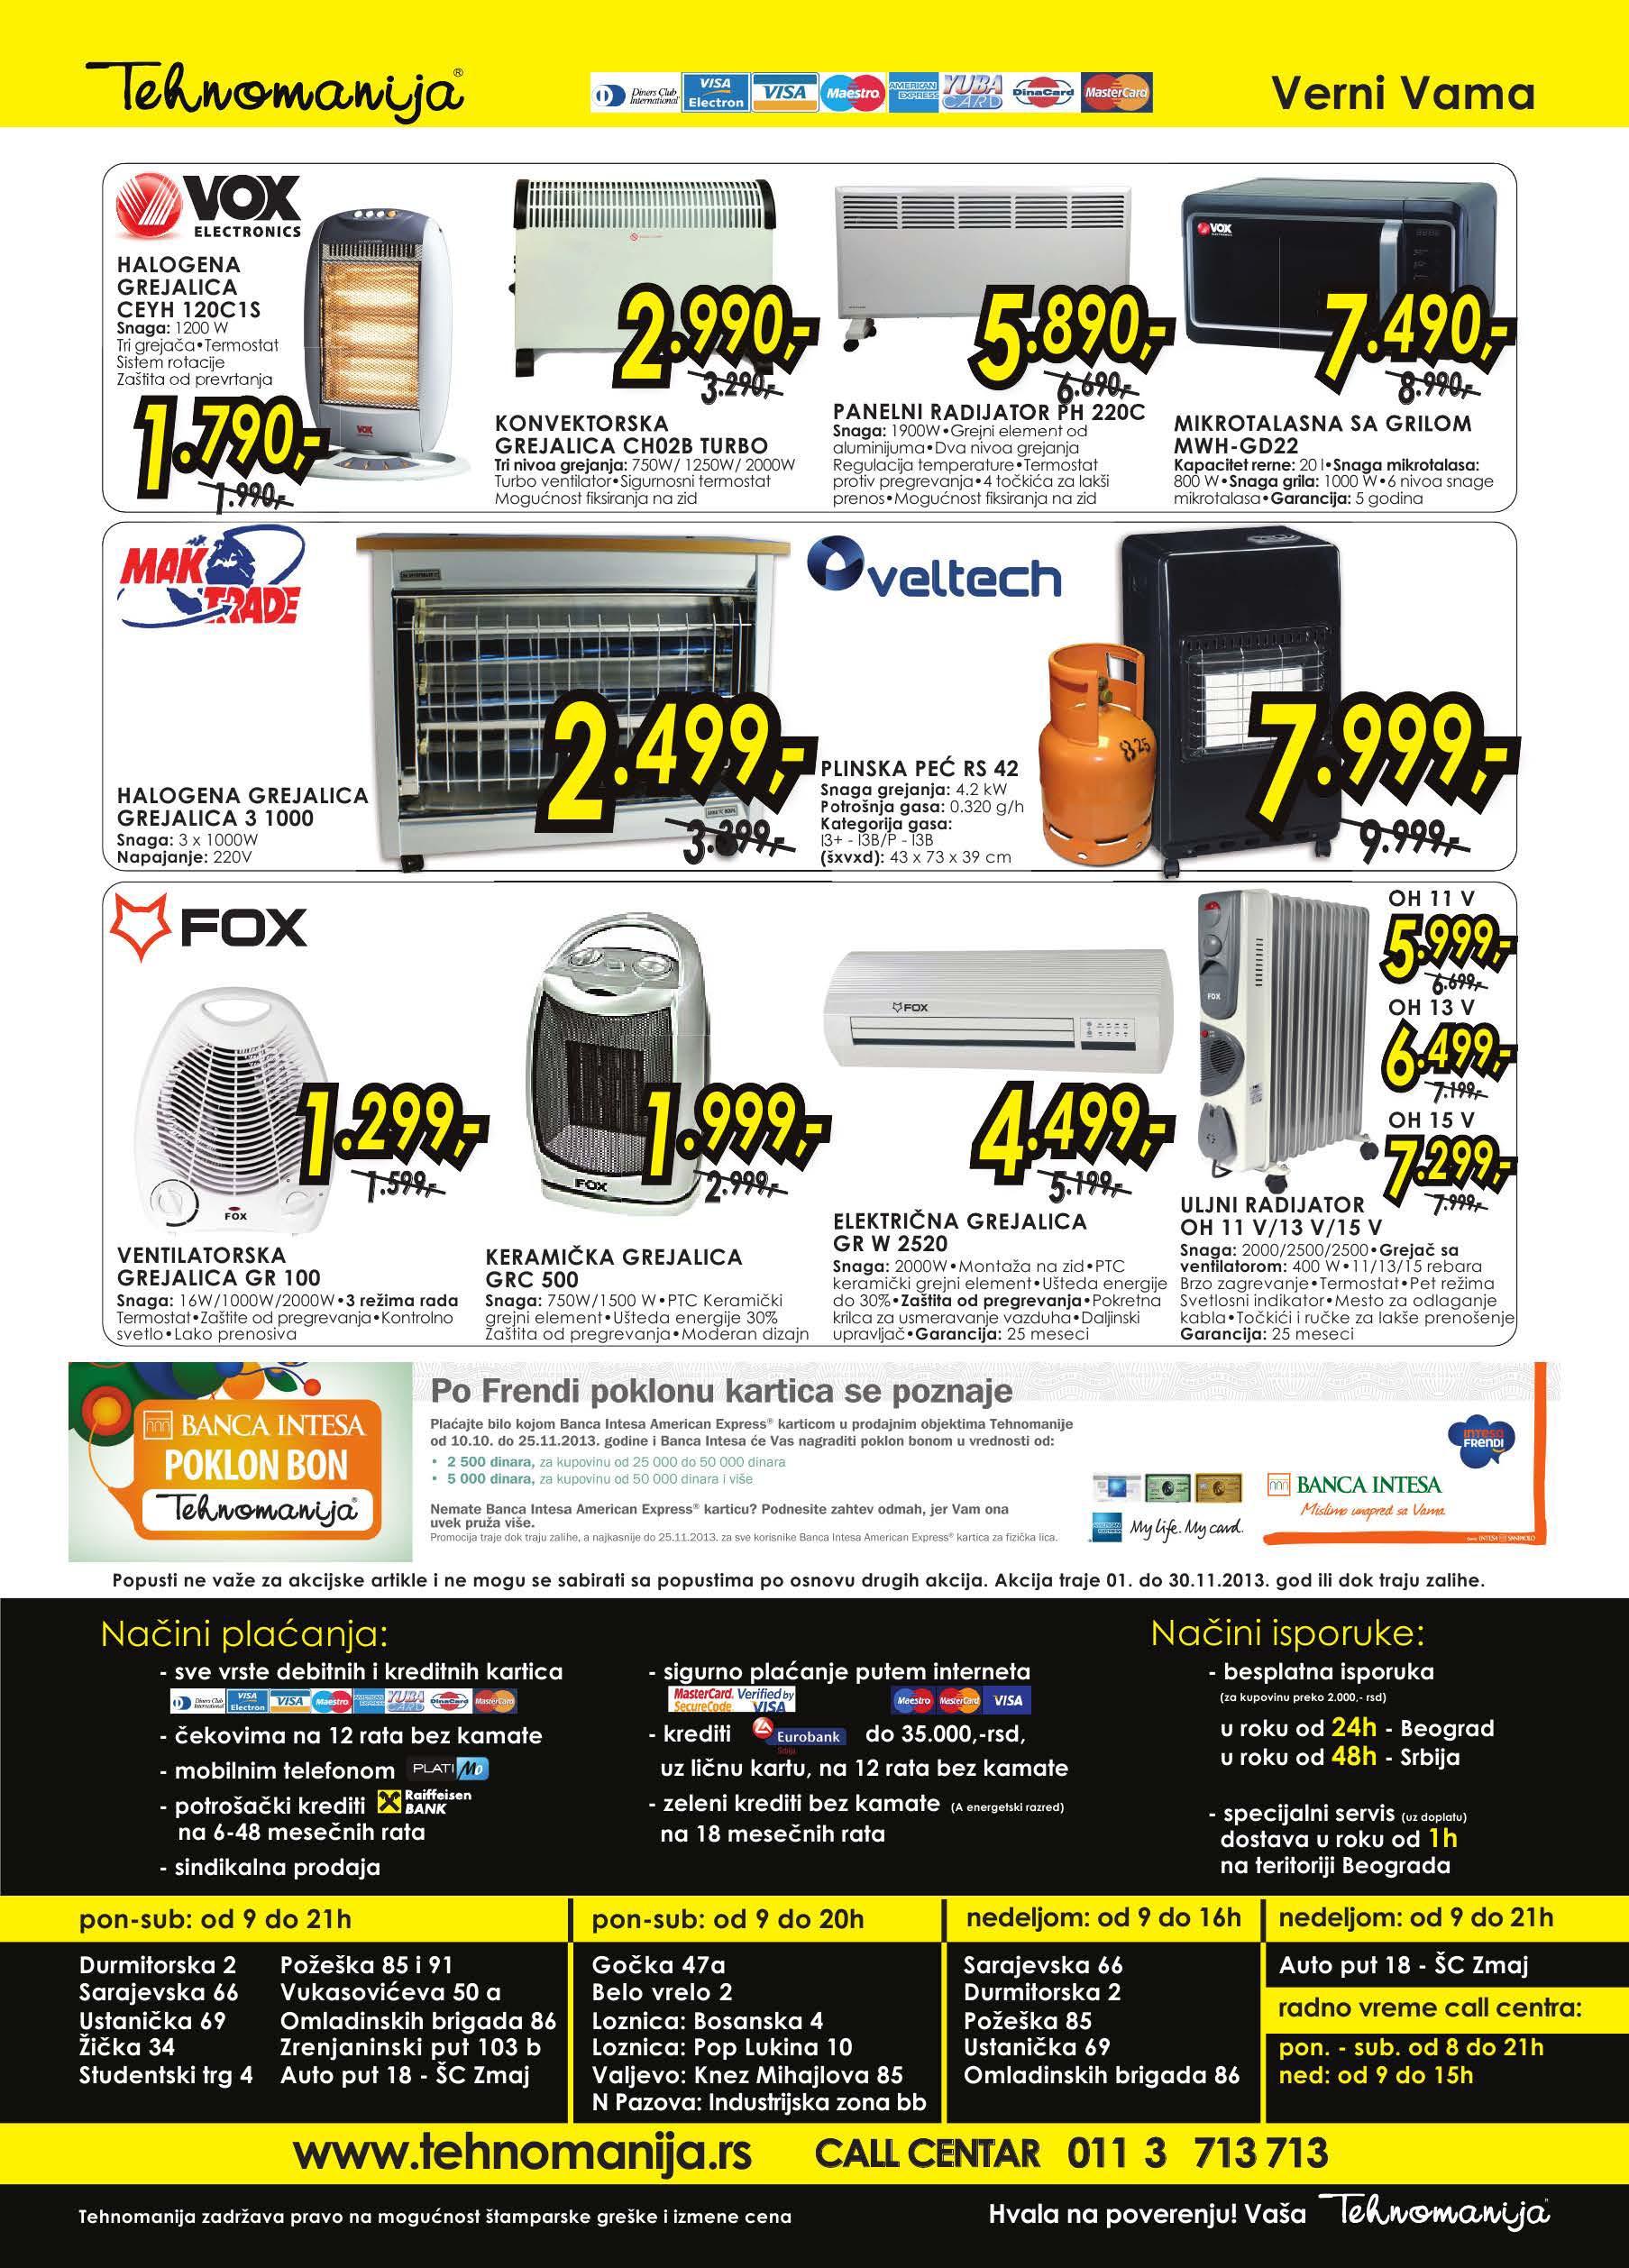 Tehnomanija katalog mali kućni aparati po super ceni